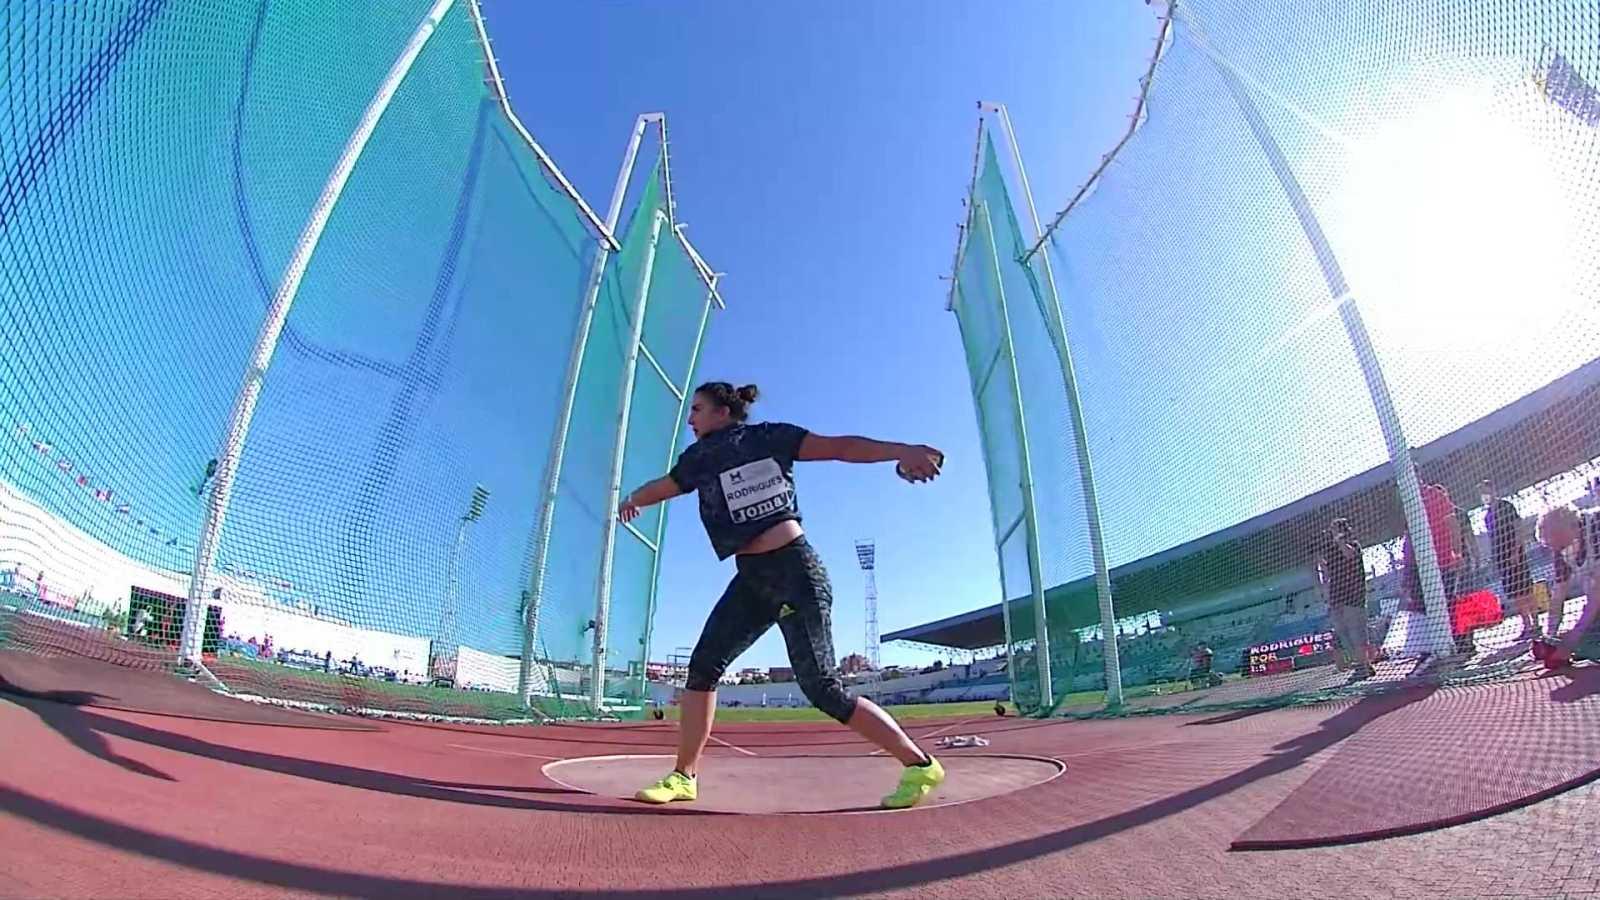 Atletismo - Mitin iberoamericano, desde Huelva - ver ahora